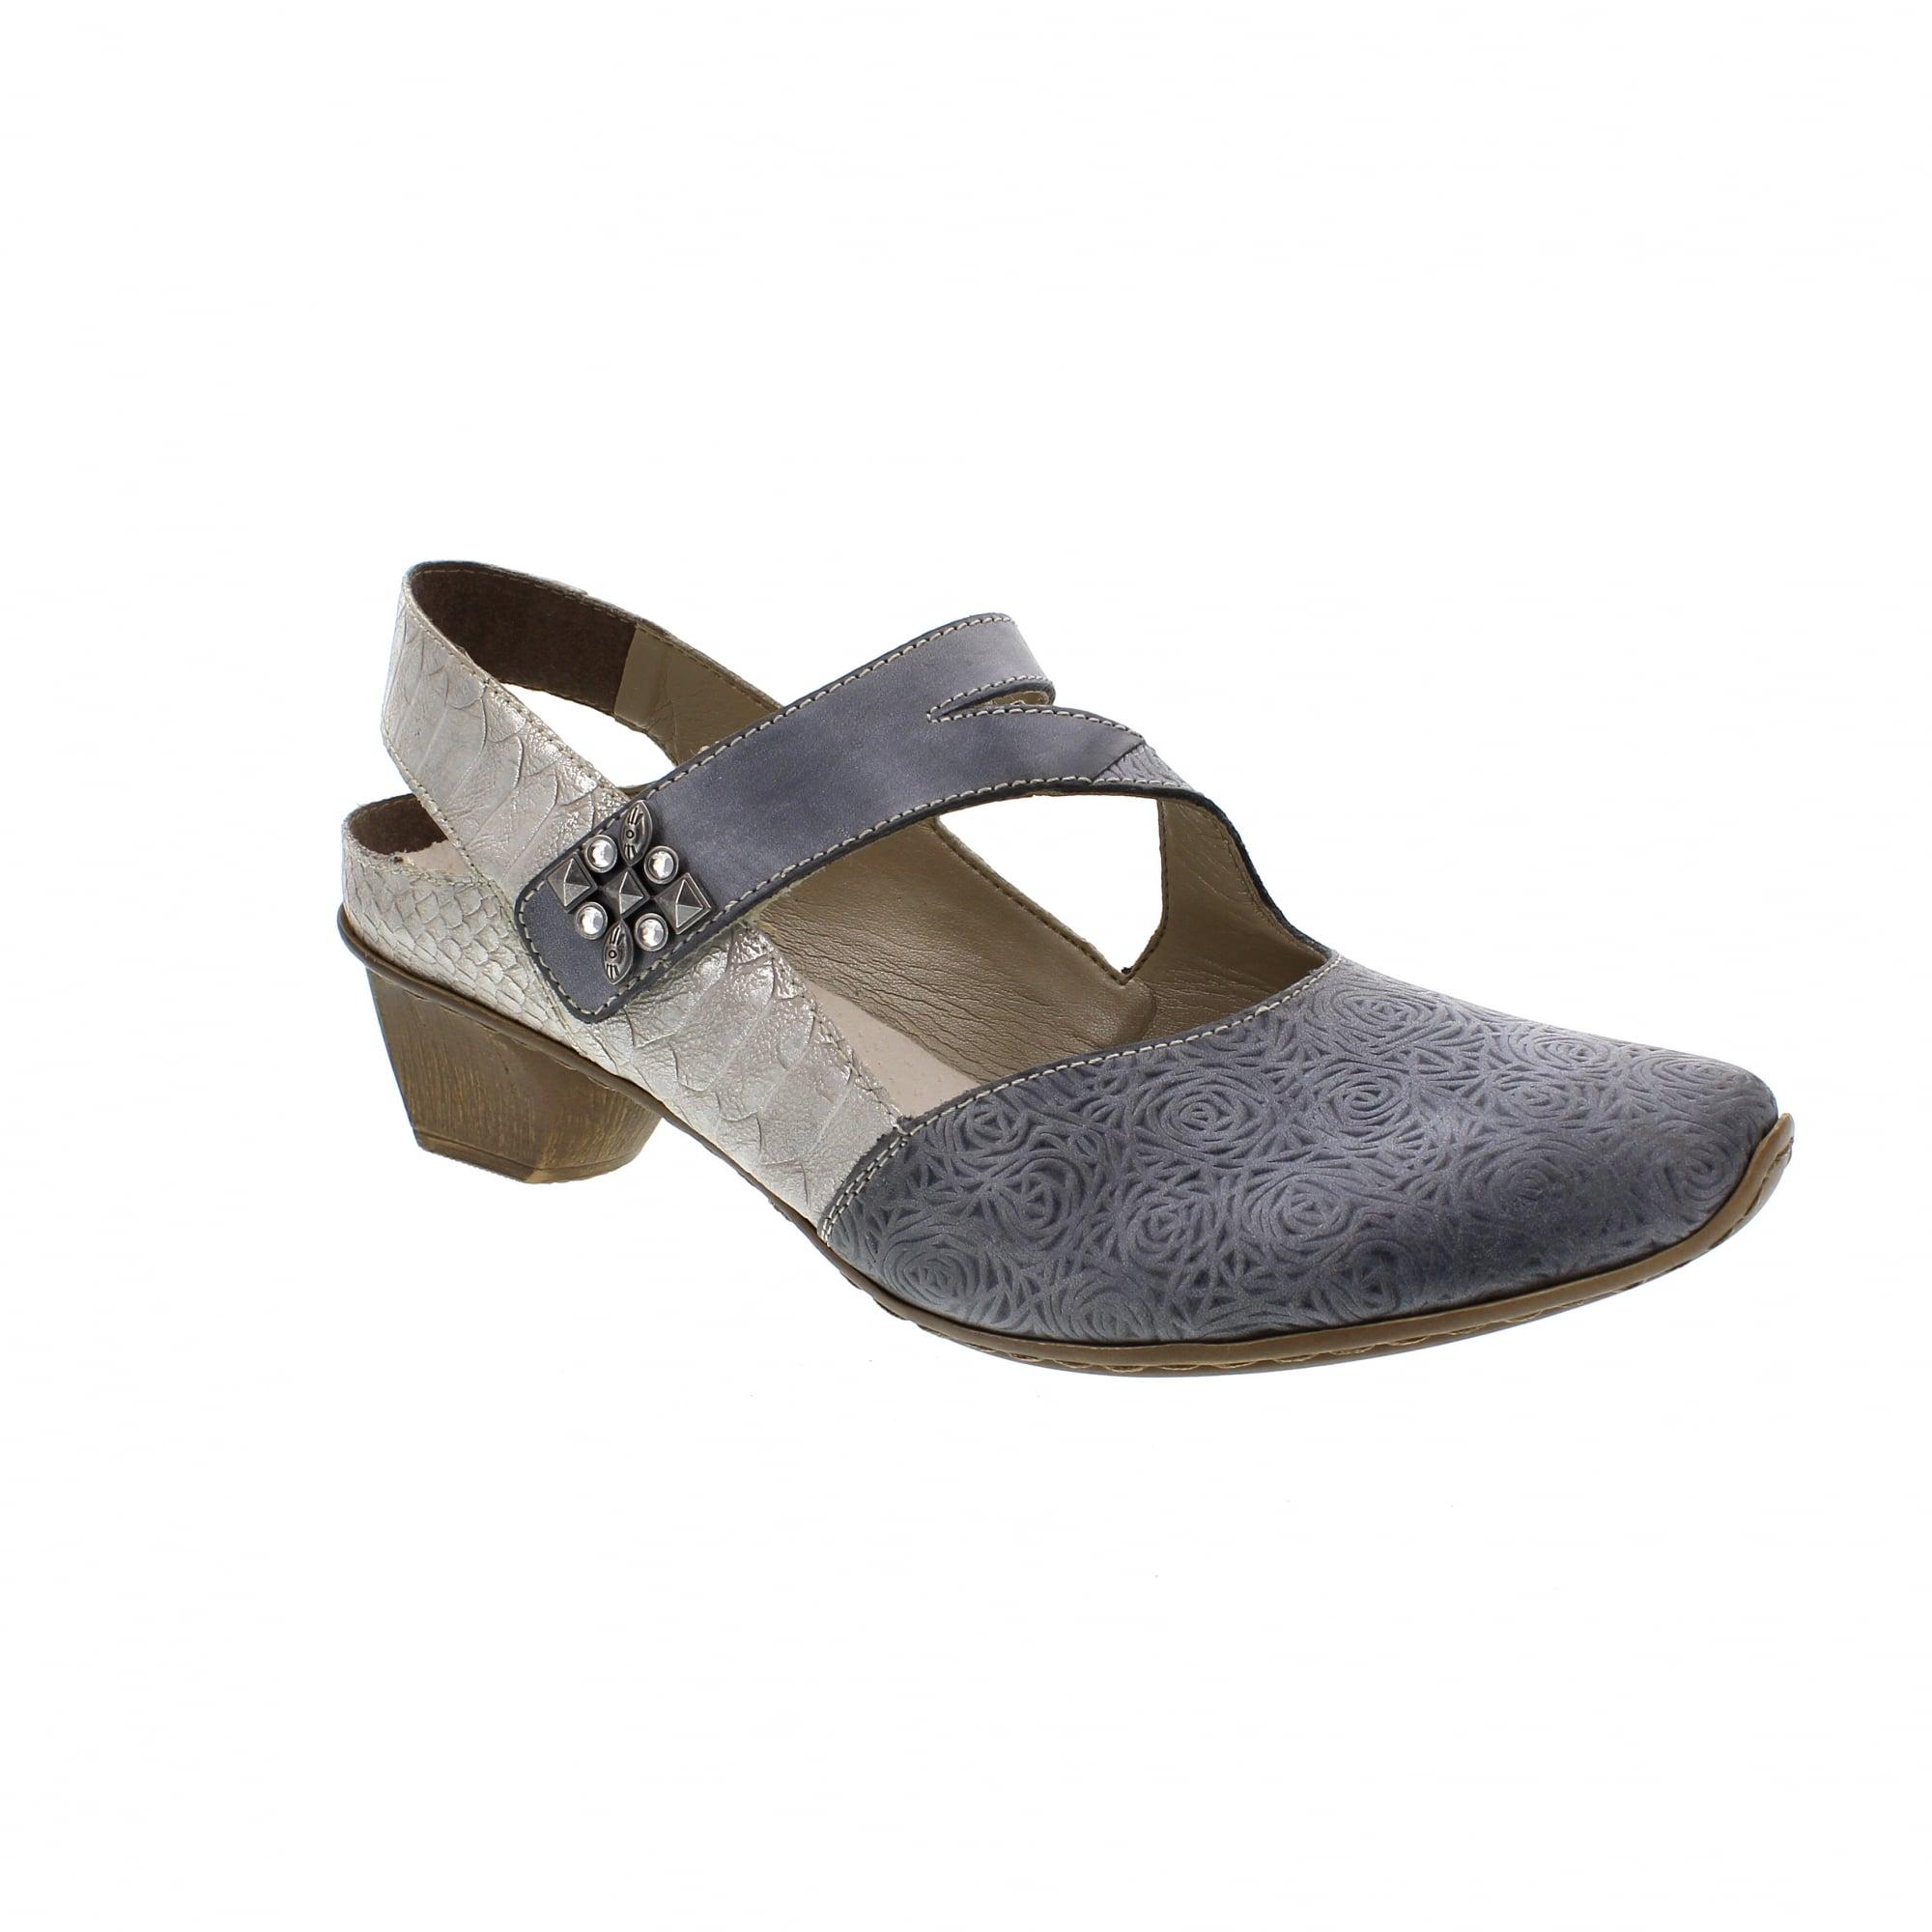 dc8101660a Rieker 49770-14 Denim Grey Womens Sandals